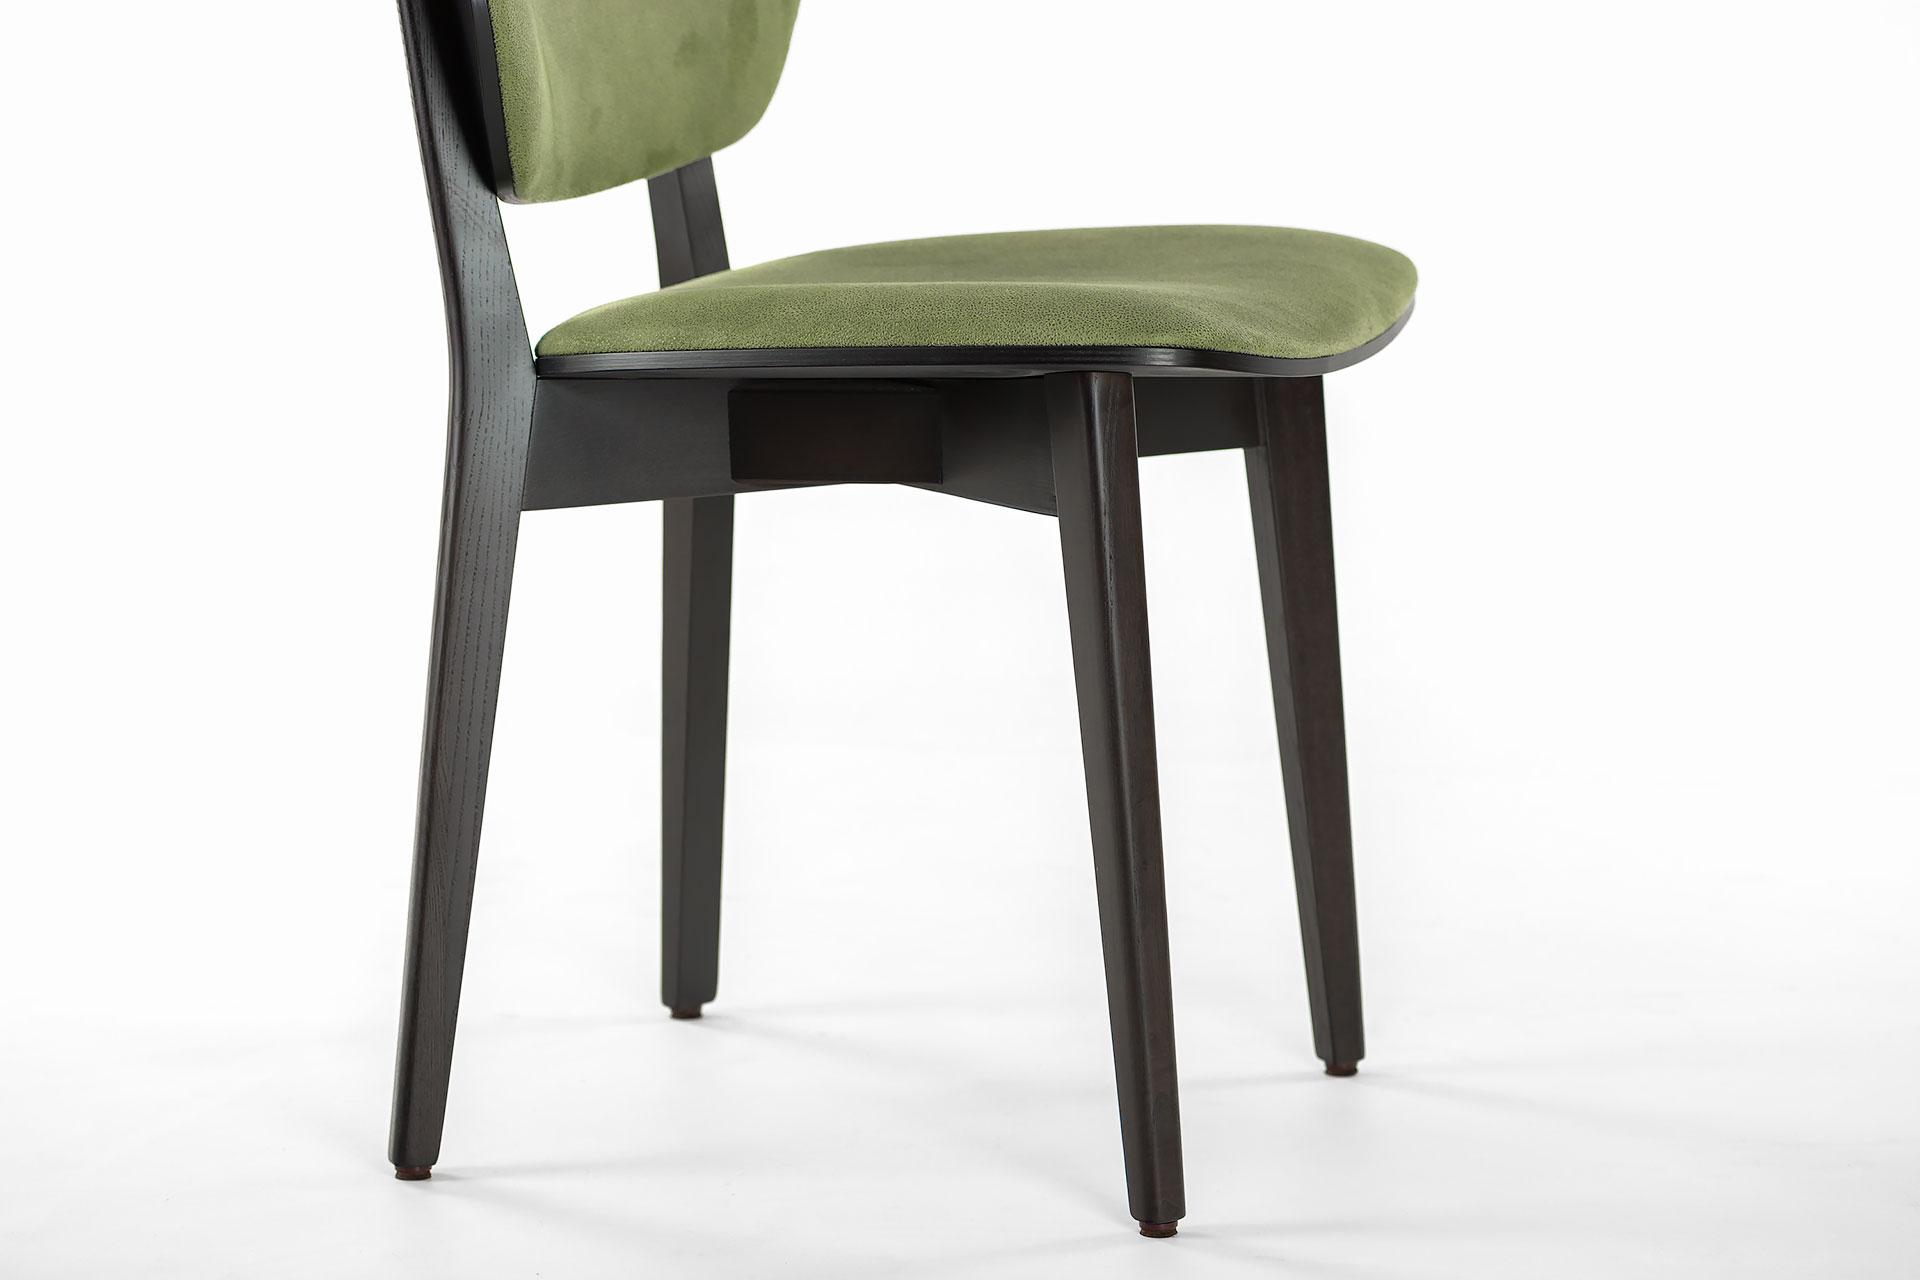 Кухонный стул 03В черно-зеленый, с мягкими сиденьем и спинкой из искусственной замши, Exim Mustang Light Green твердое дерево, цвет изделия SE7059 (сбоку)